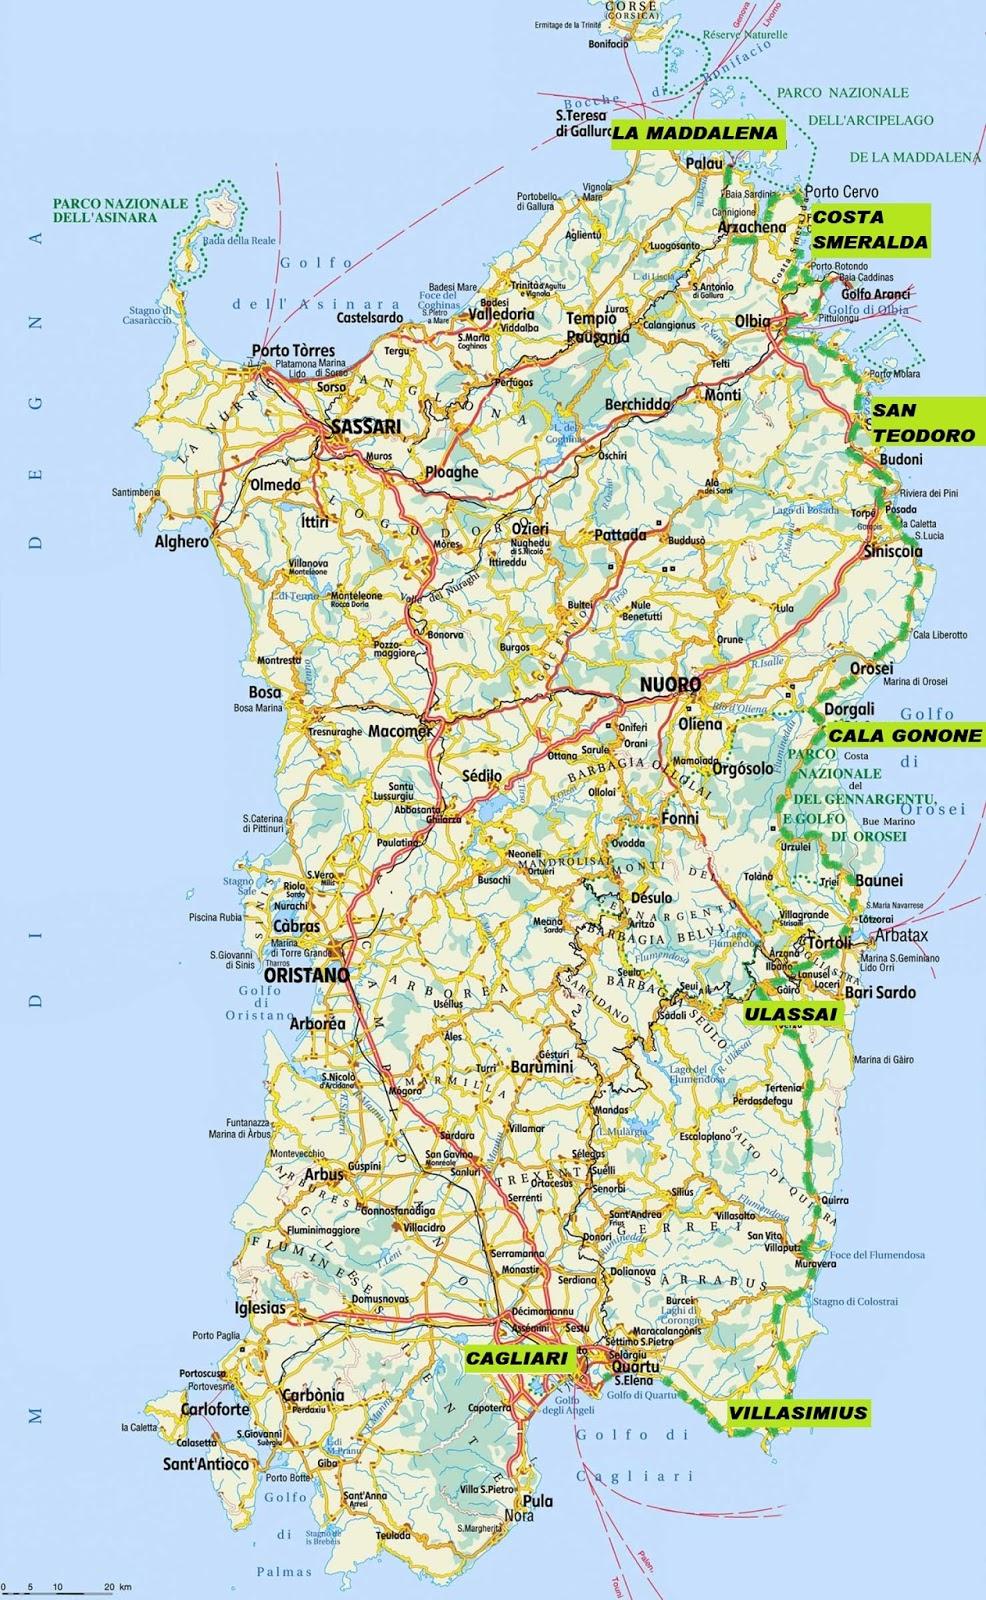 mapa sardenha vento no cabelo: sardegna: where to mapa sardenha